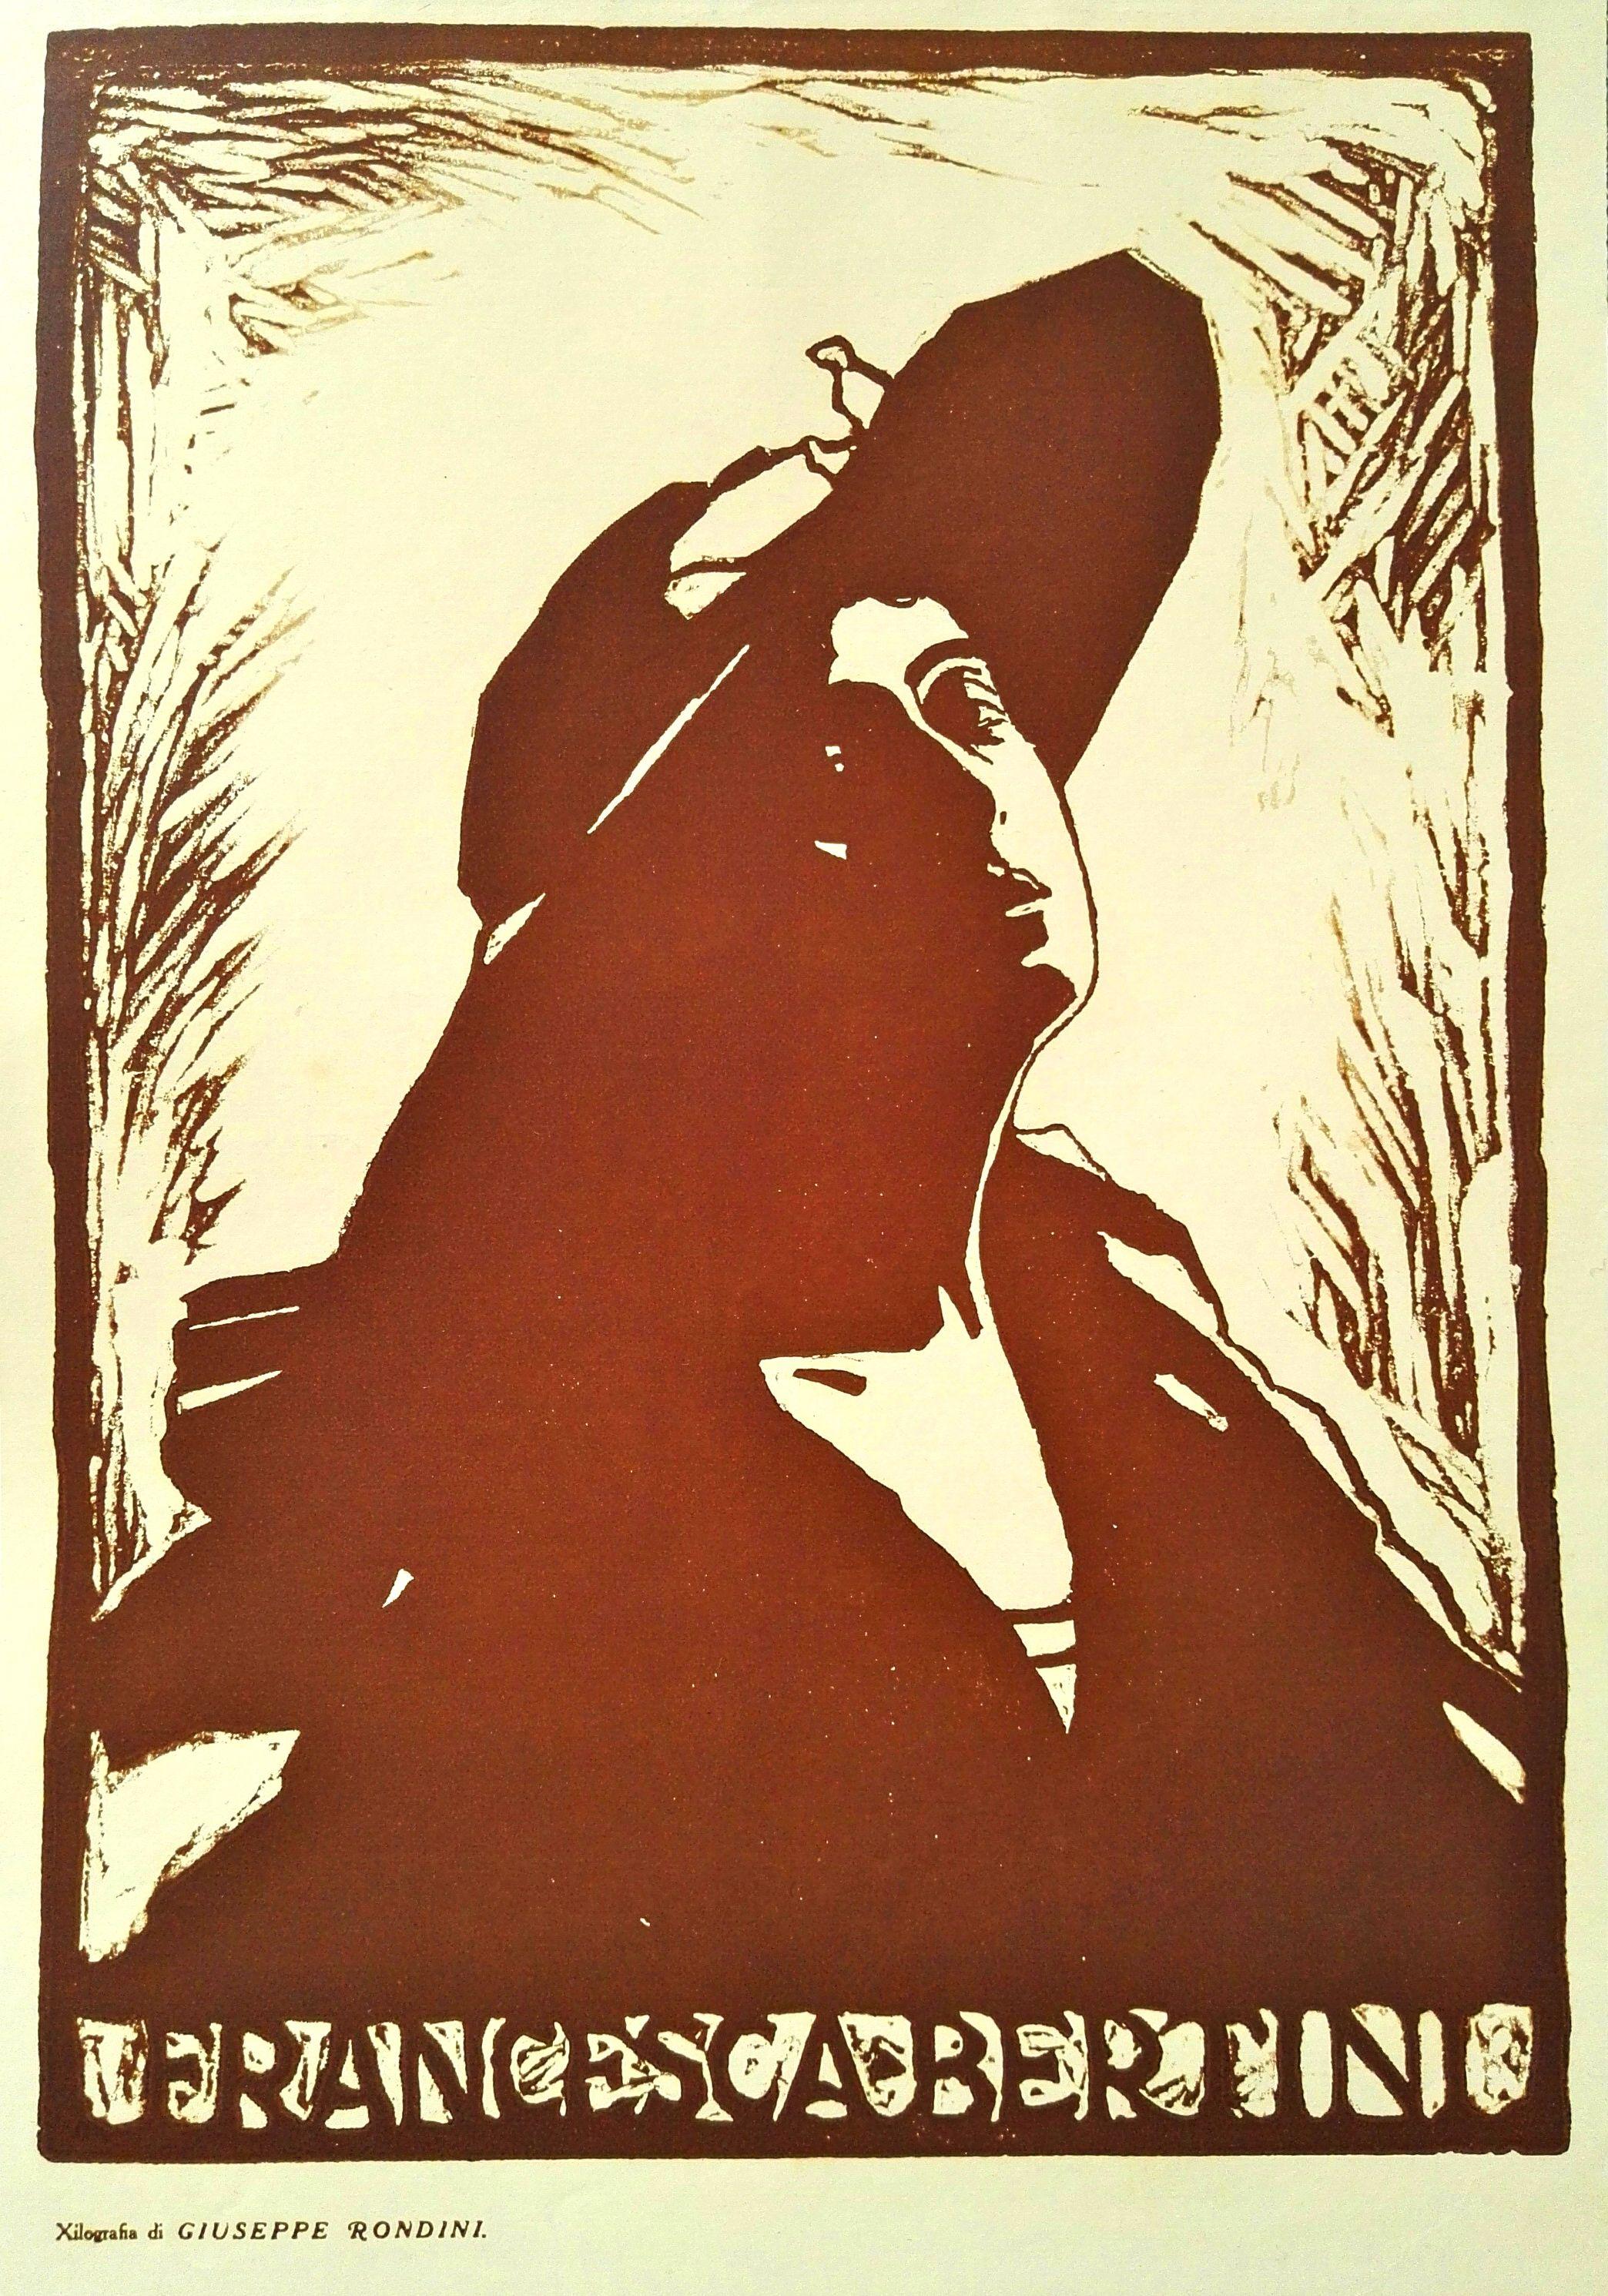 Rondini, l'illustratore che ritrasse la diva